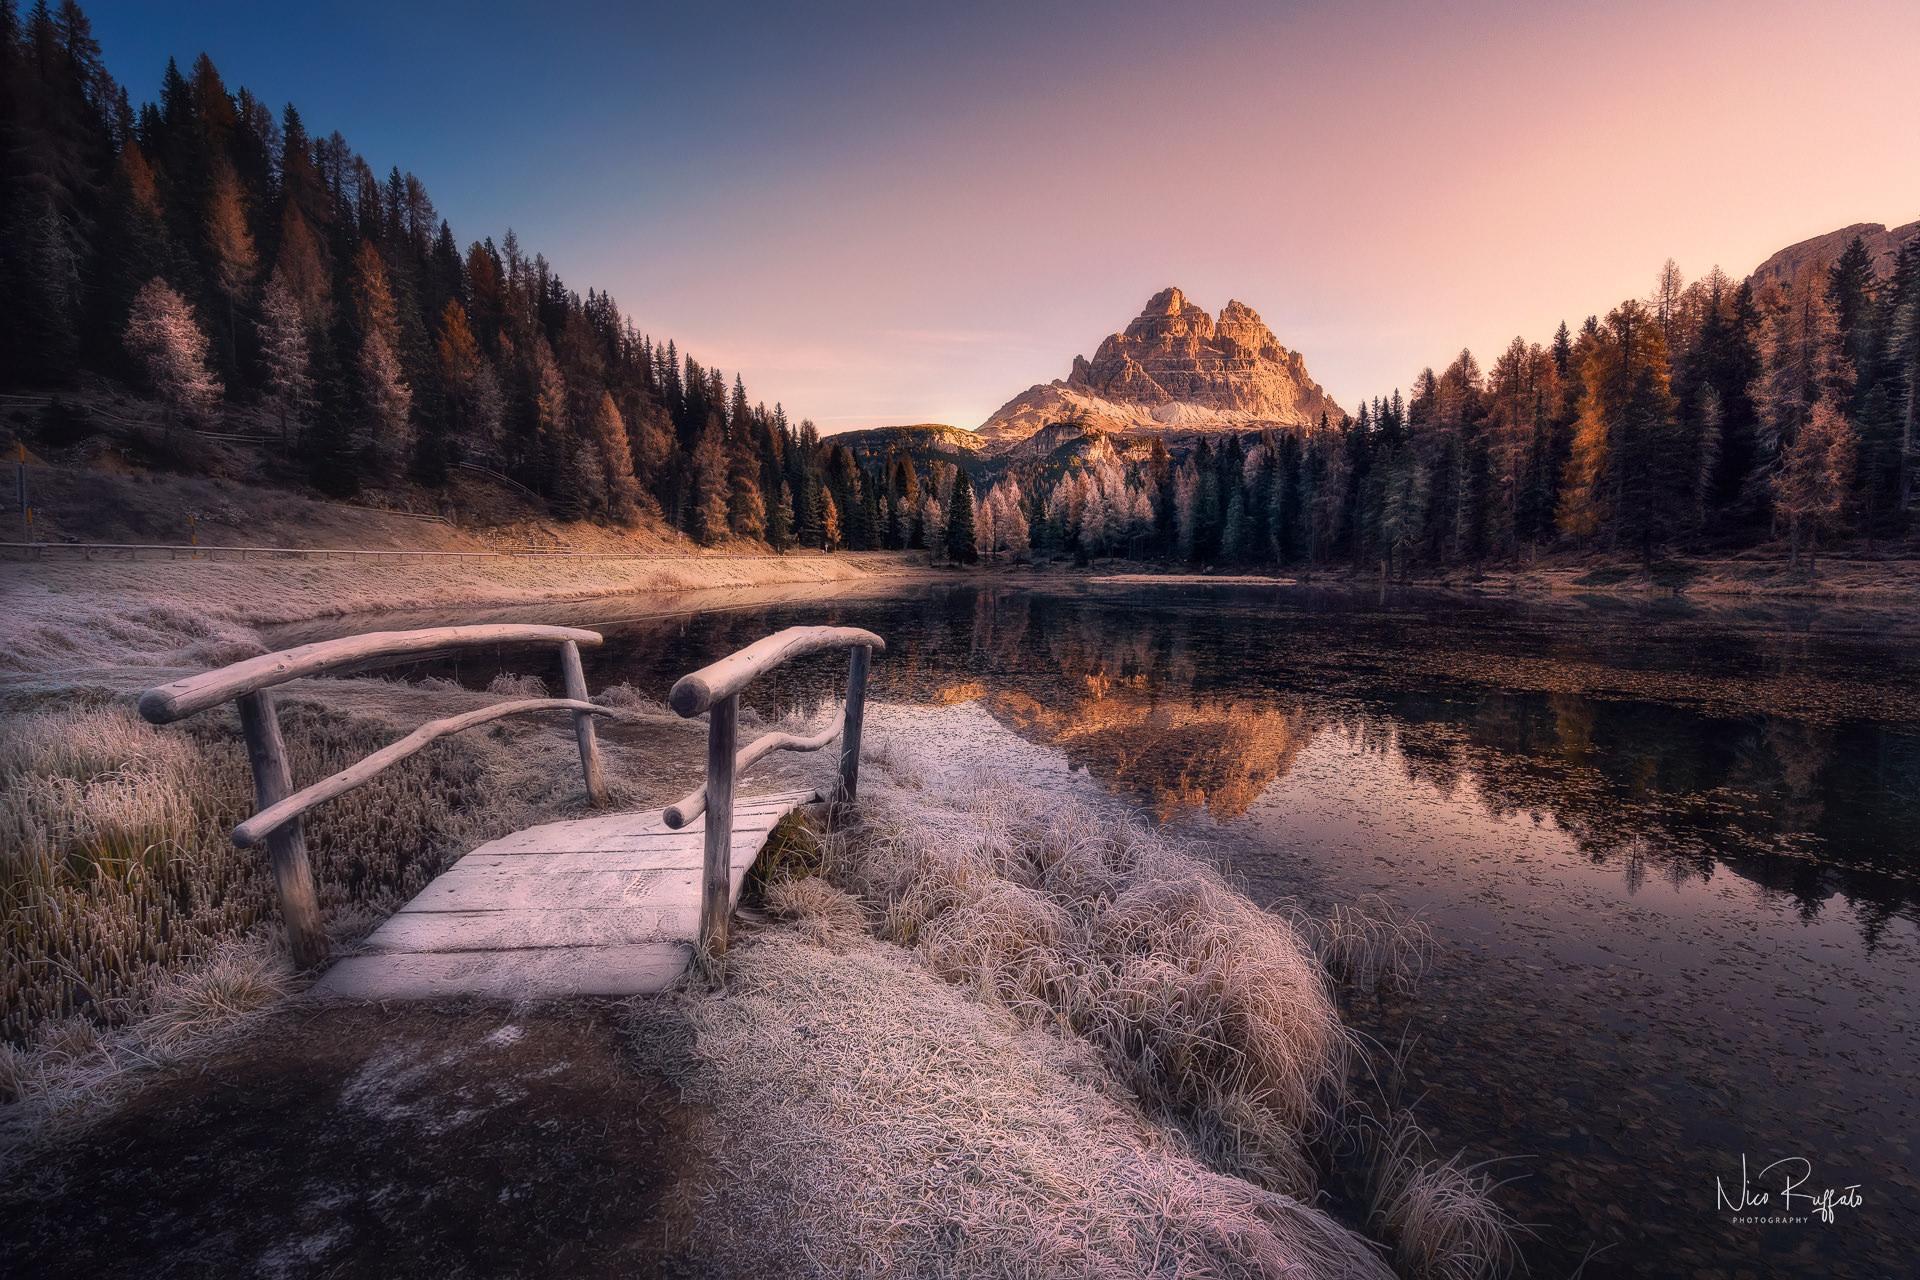 Categorie: Landscape & Nature; Photo: NICO RUFFATO; Location: Lago Antorno, Auronzo di Cadore, BL